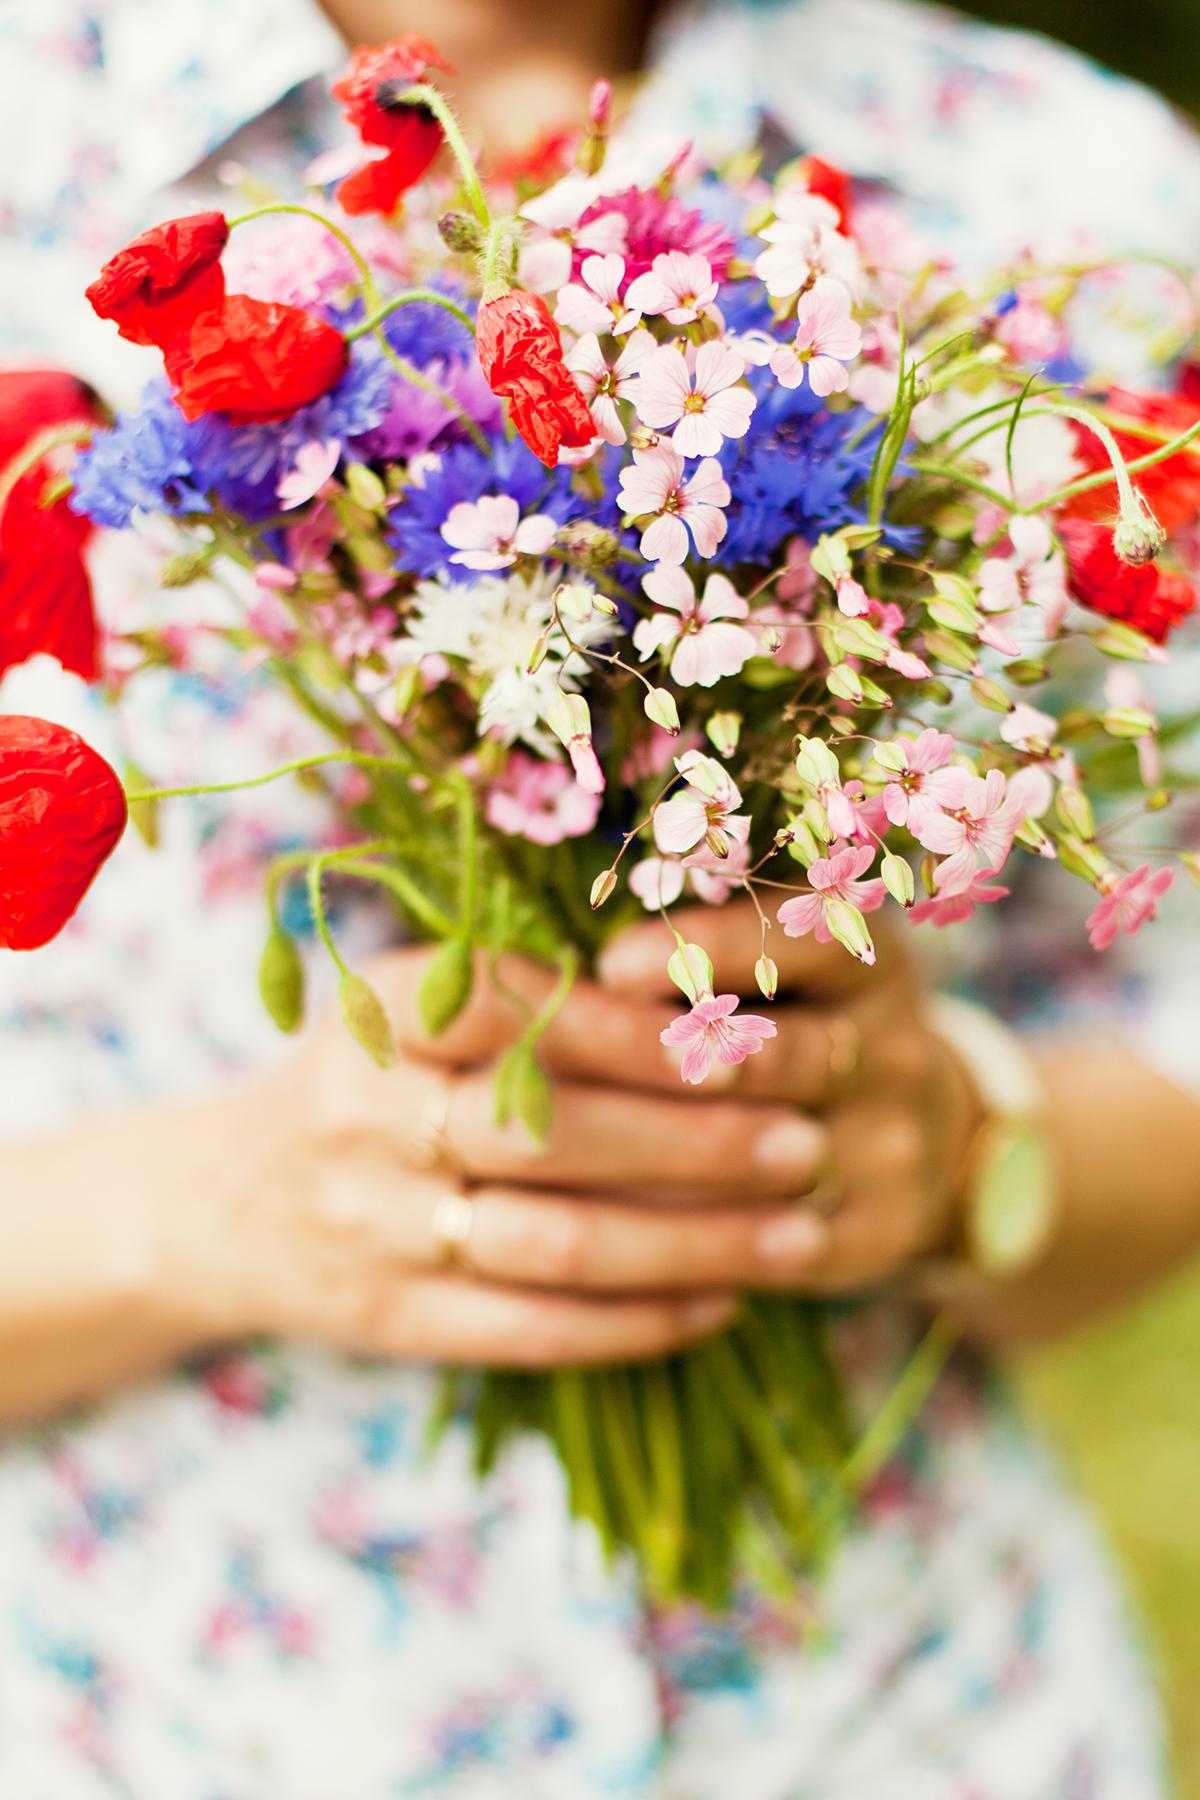 Bouquet of Flowers.jpg